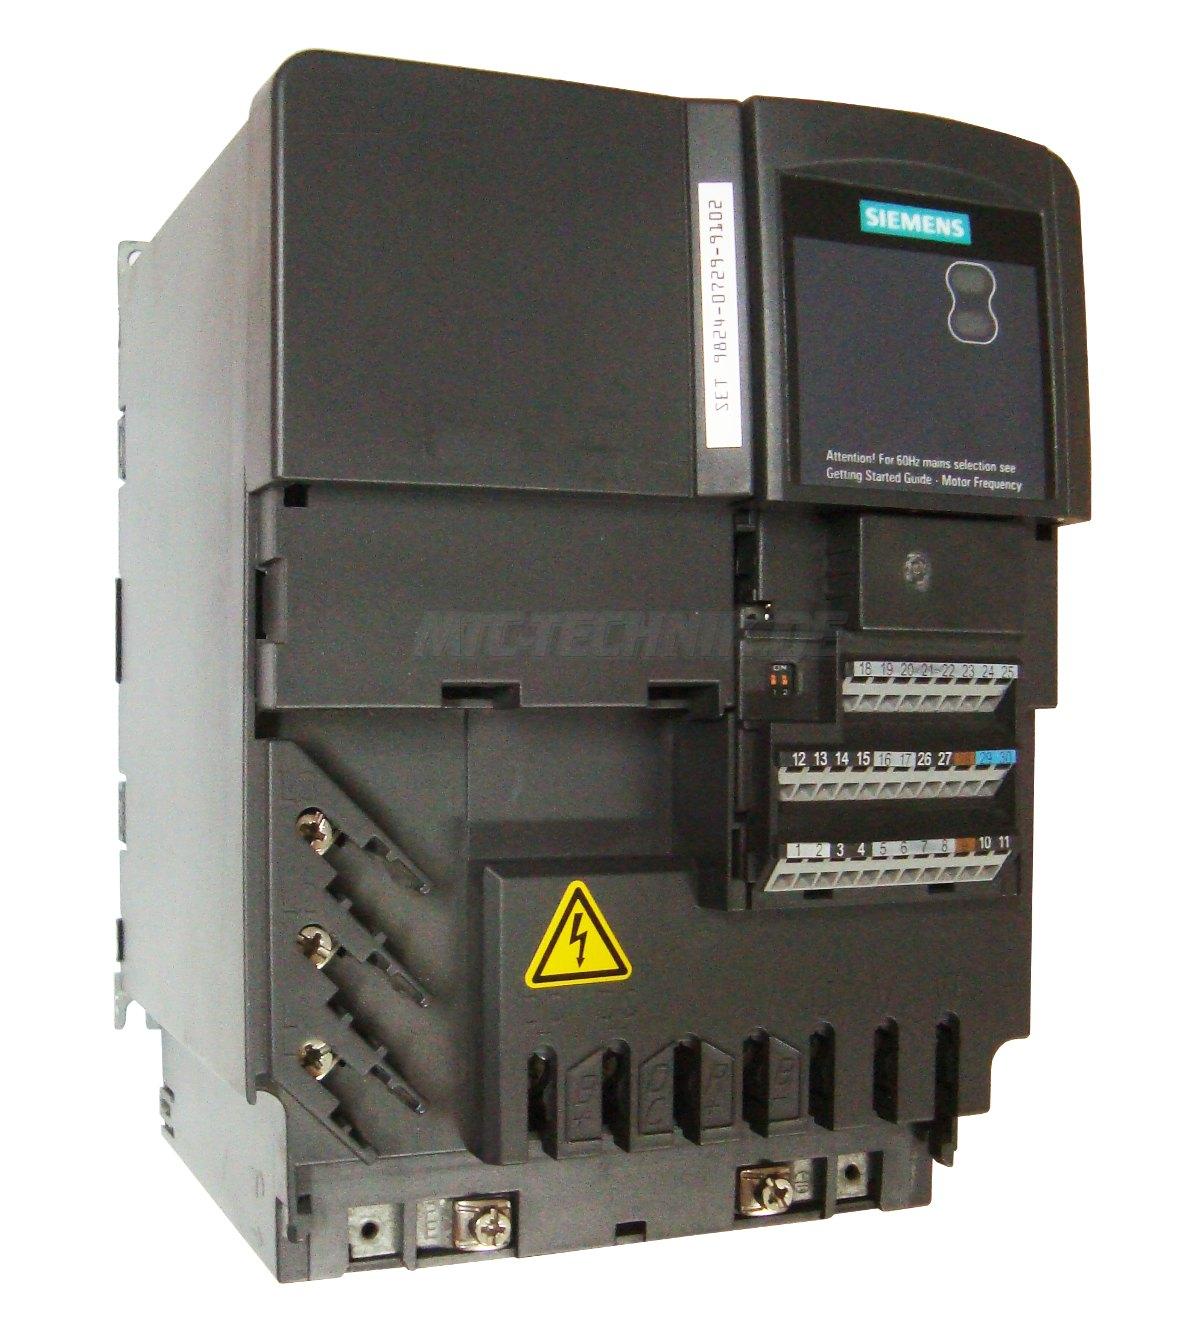 1 Siemens Frequenzumrichter 6se6440-2ad31-1ca1 Shop